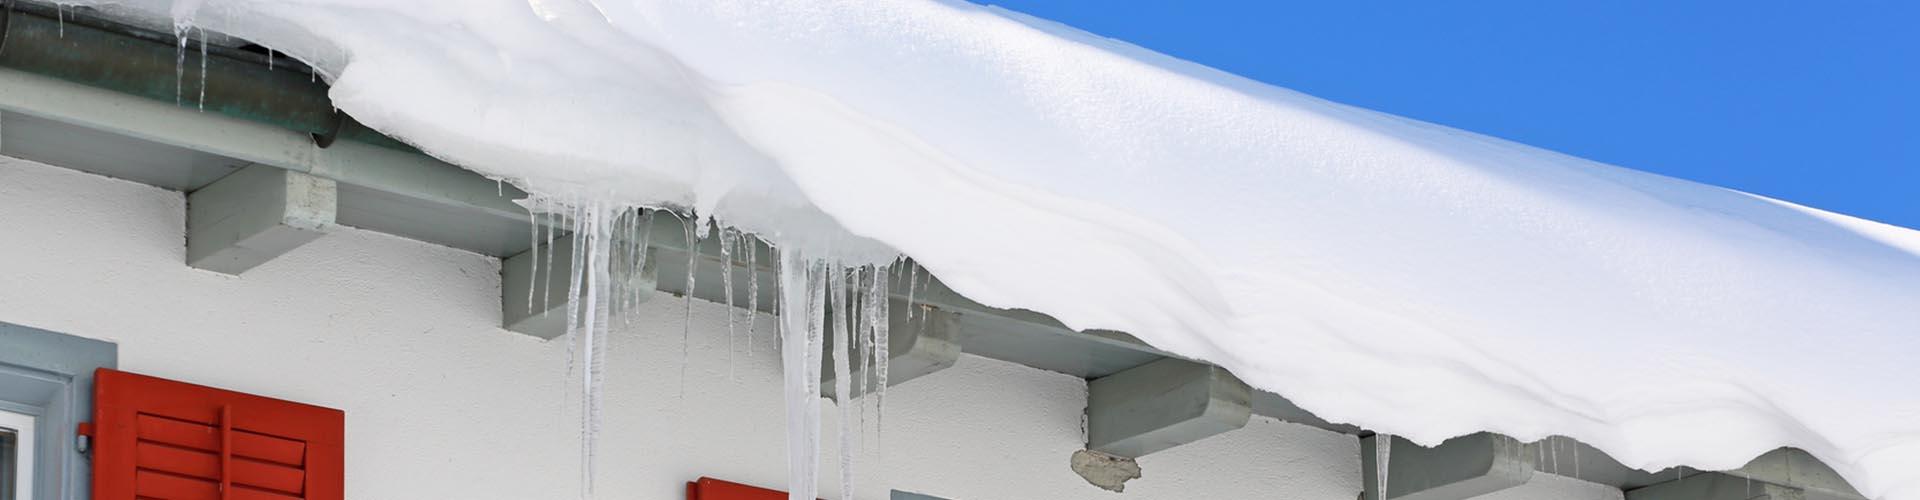 Winterdienst NRW Dachräumung